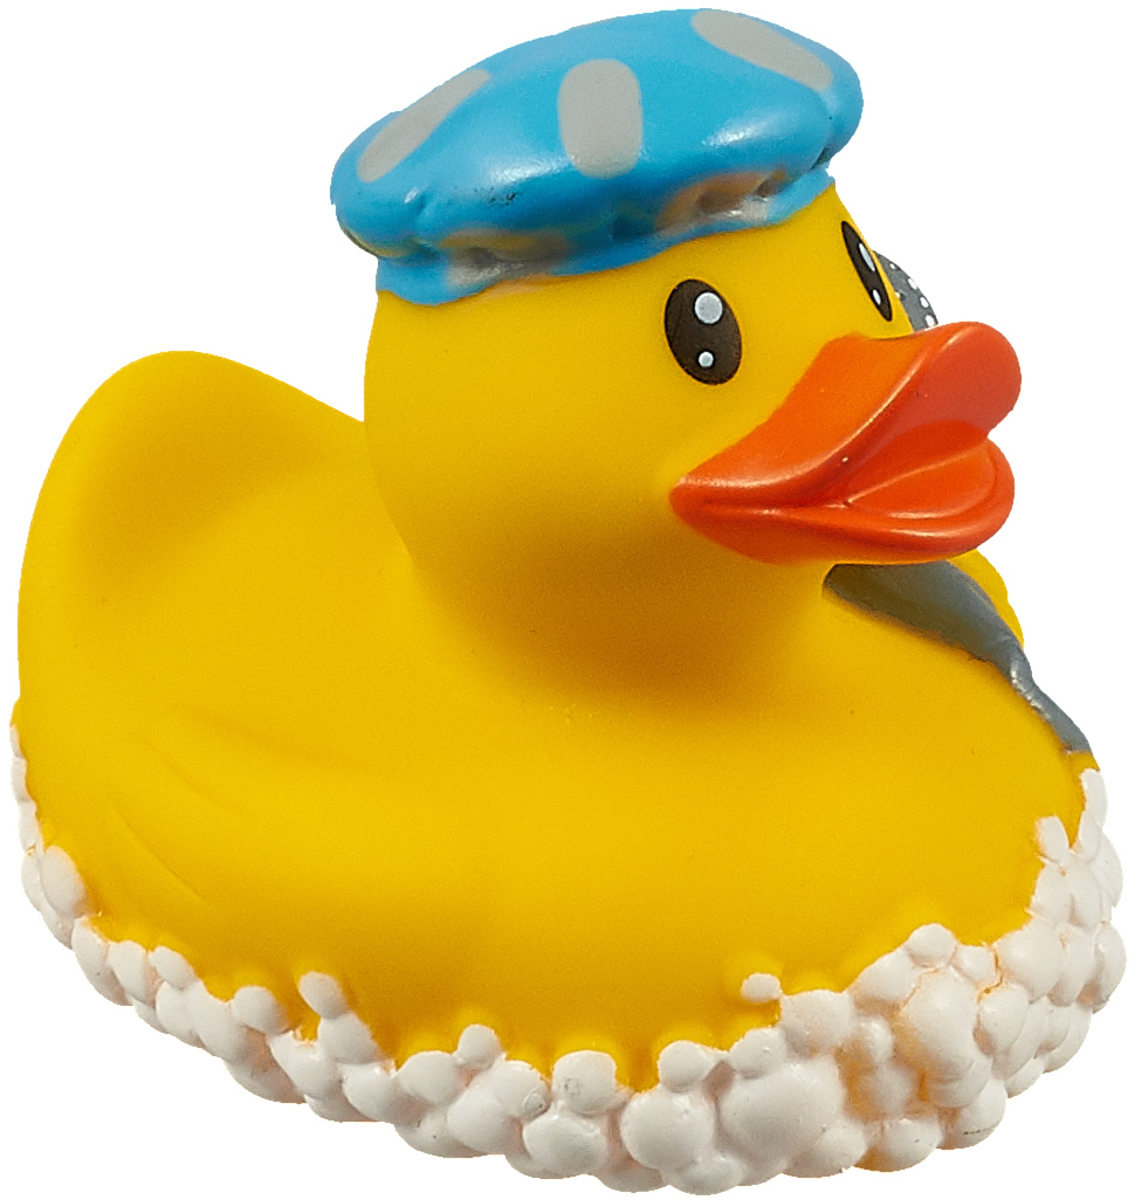 Игрушка для ванны Canpol Babies Утка-пловец, 250989099, желтый